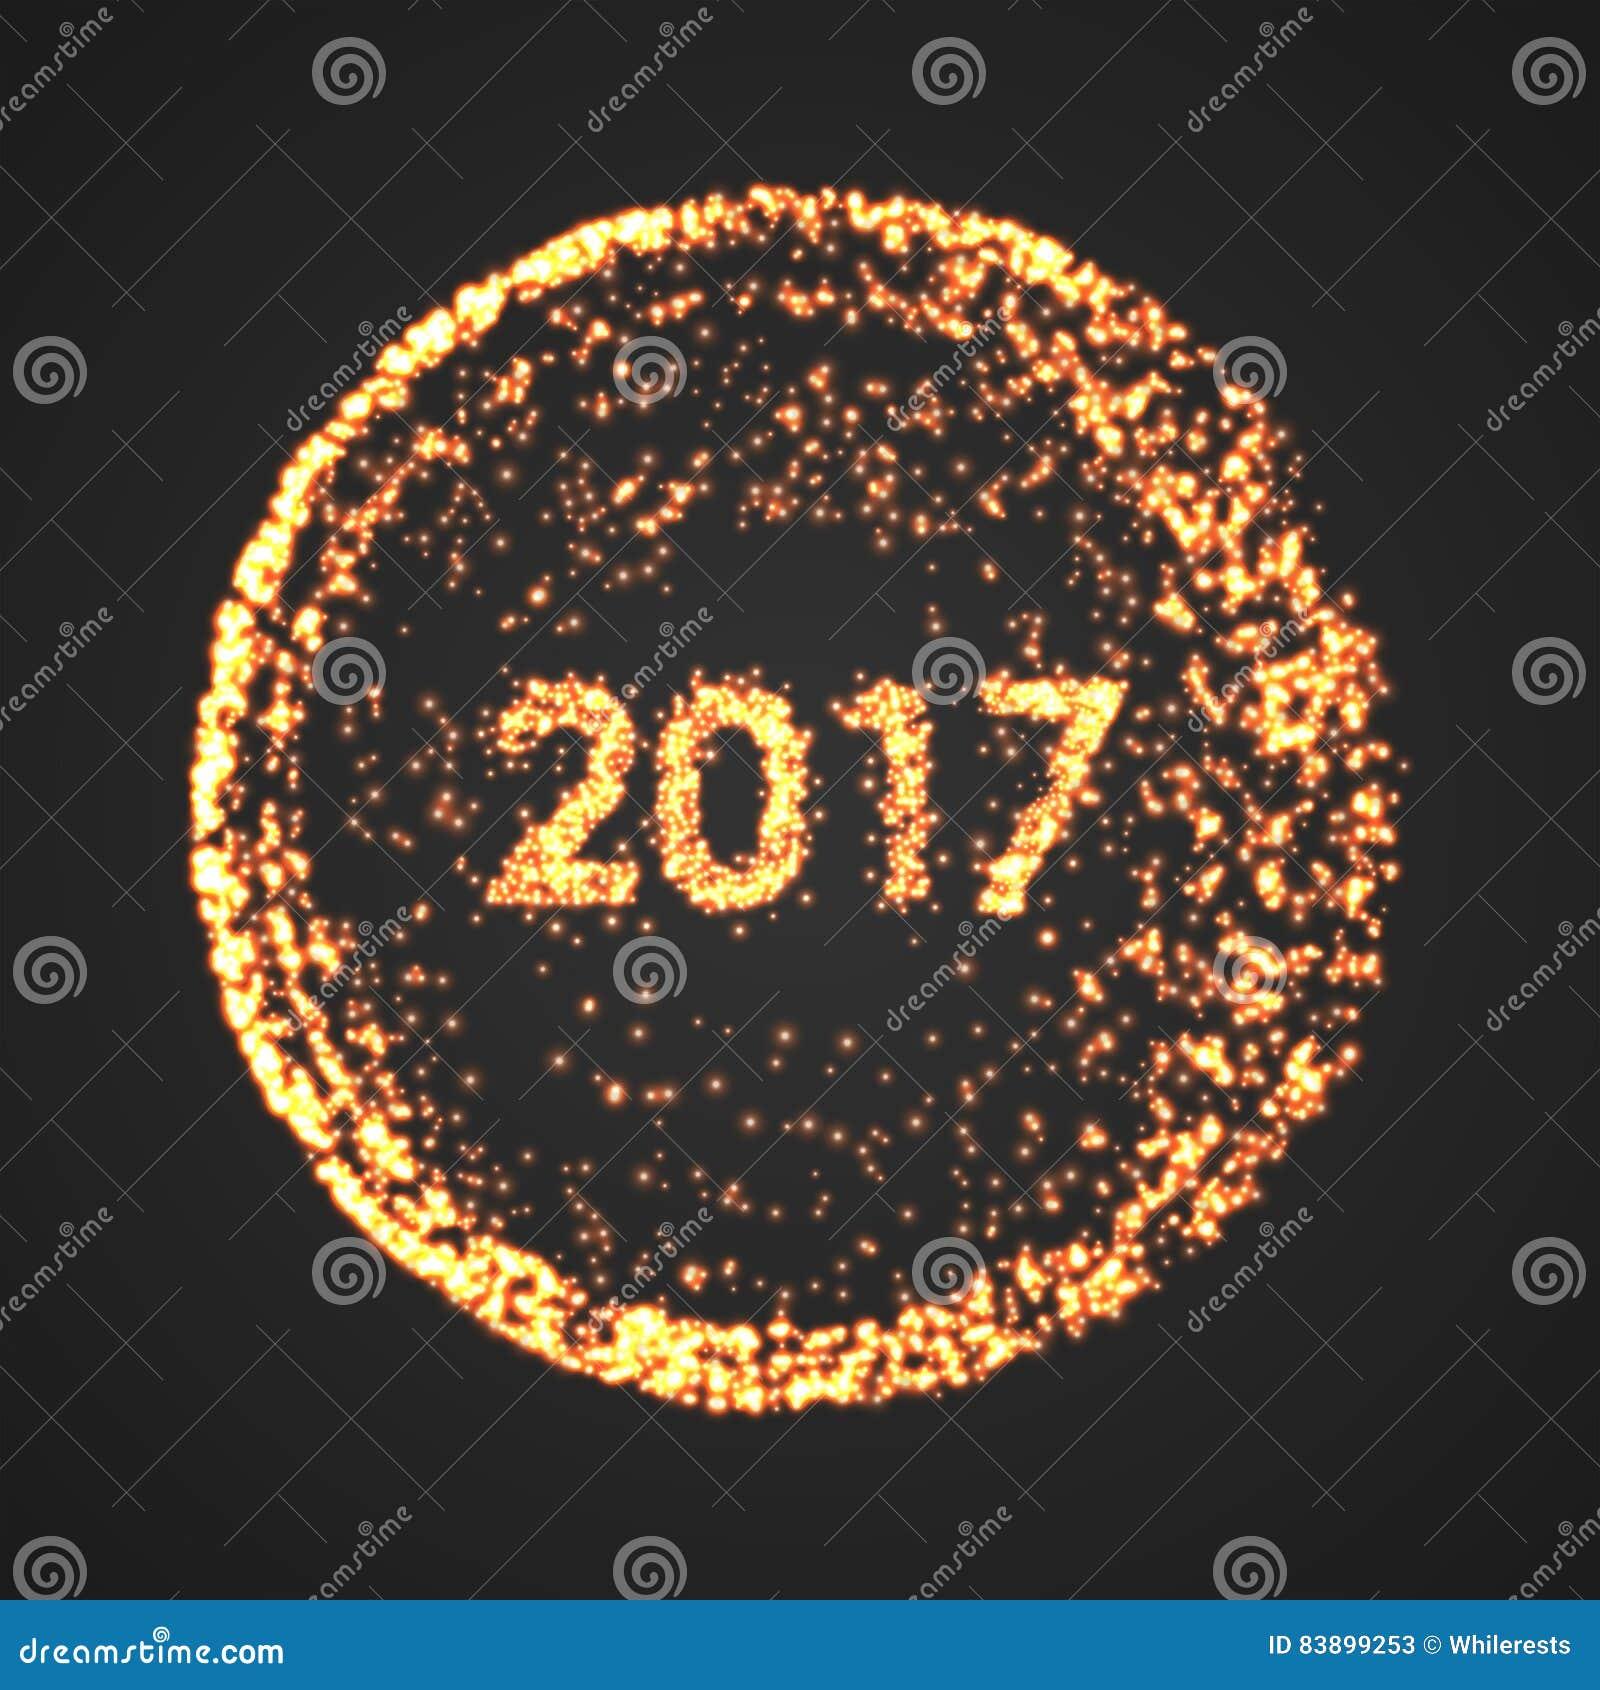 Υπόβαθρο καλής χρονιάς 2017 Ημερολογιακή διακόσμηση χαιρετισμός καλή χρονιά καρτών του 2007 Μόριο γύρω από την απεικόνιση